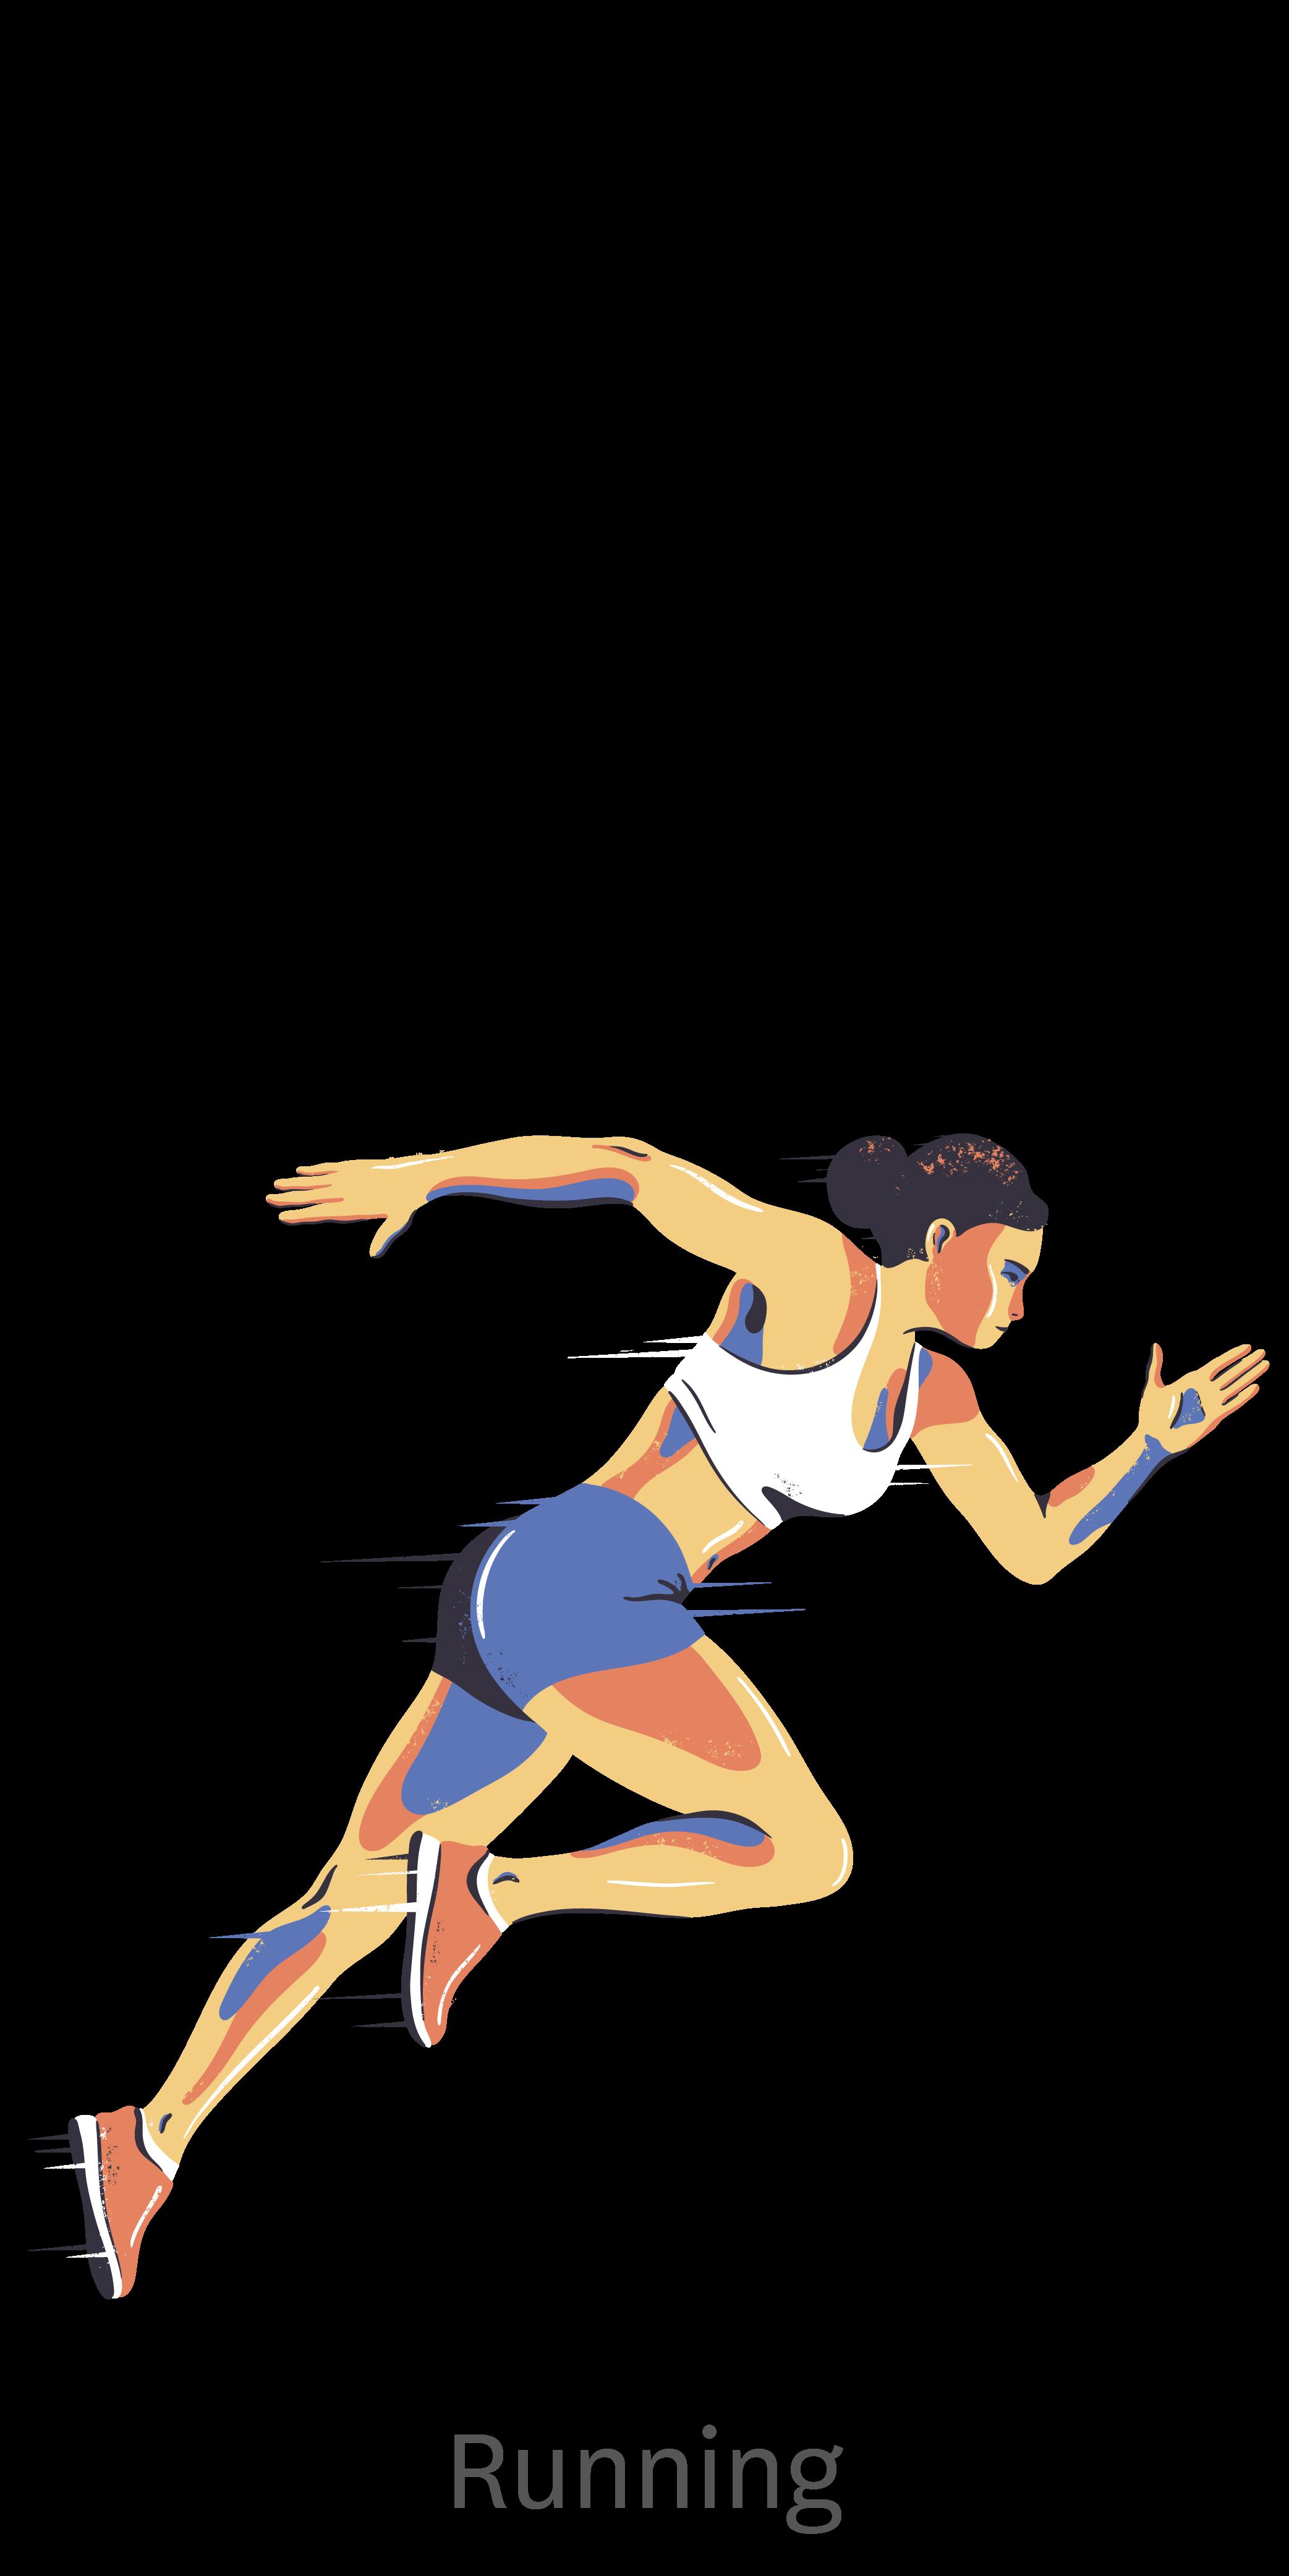 movement_sport_running.png